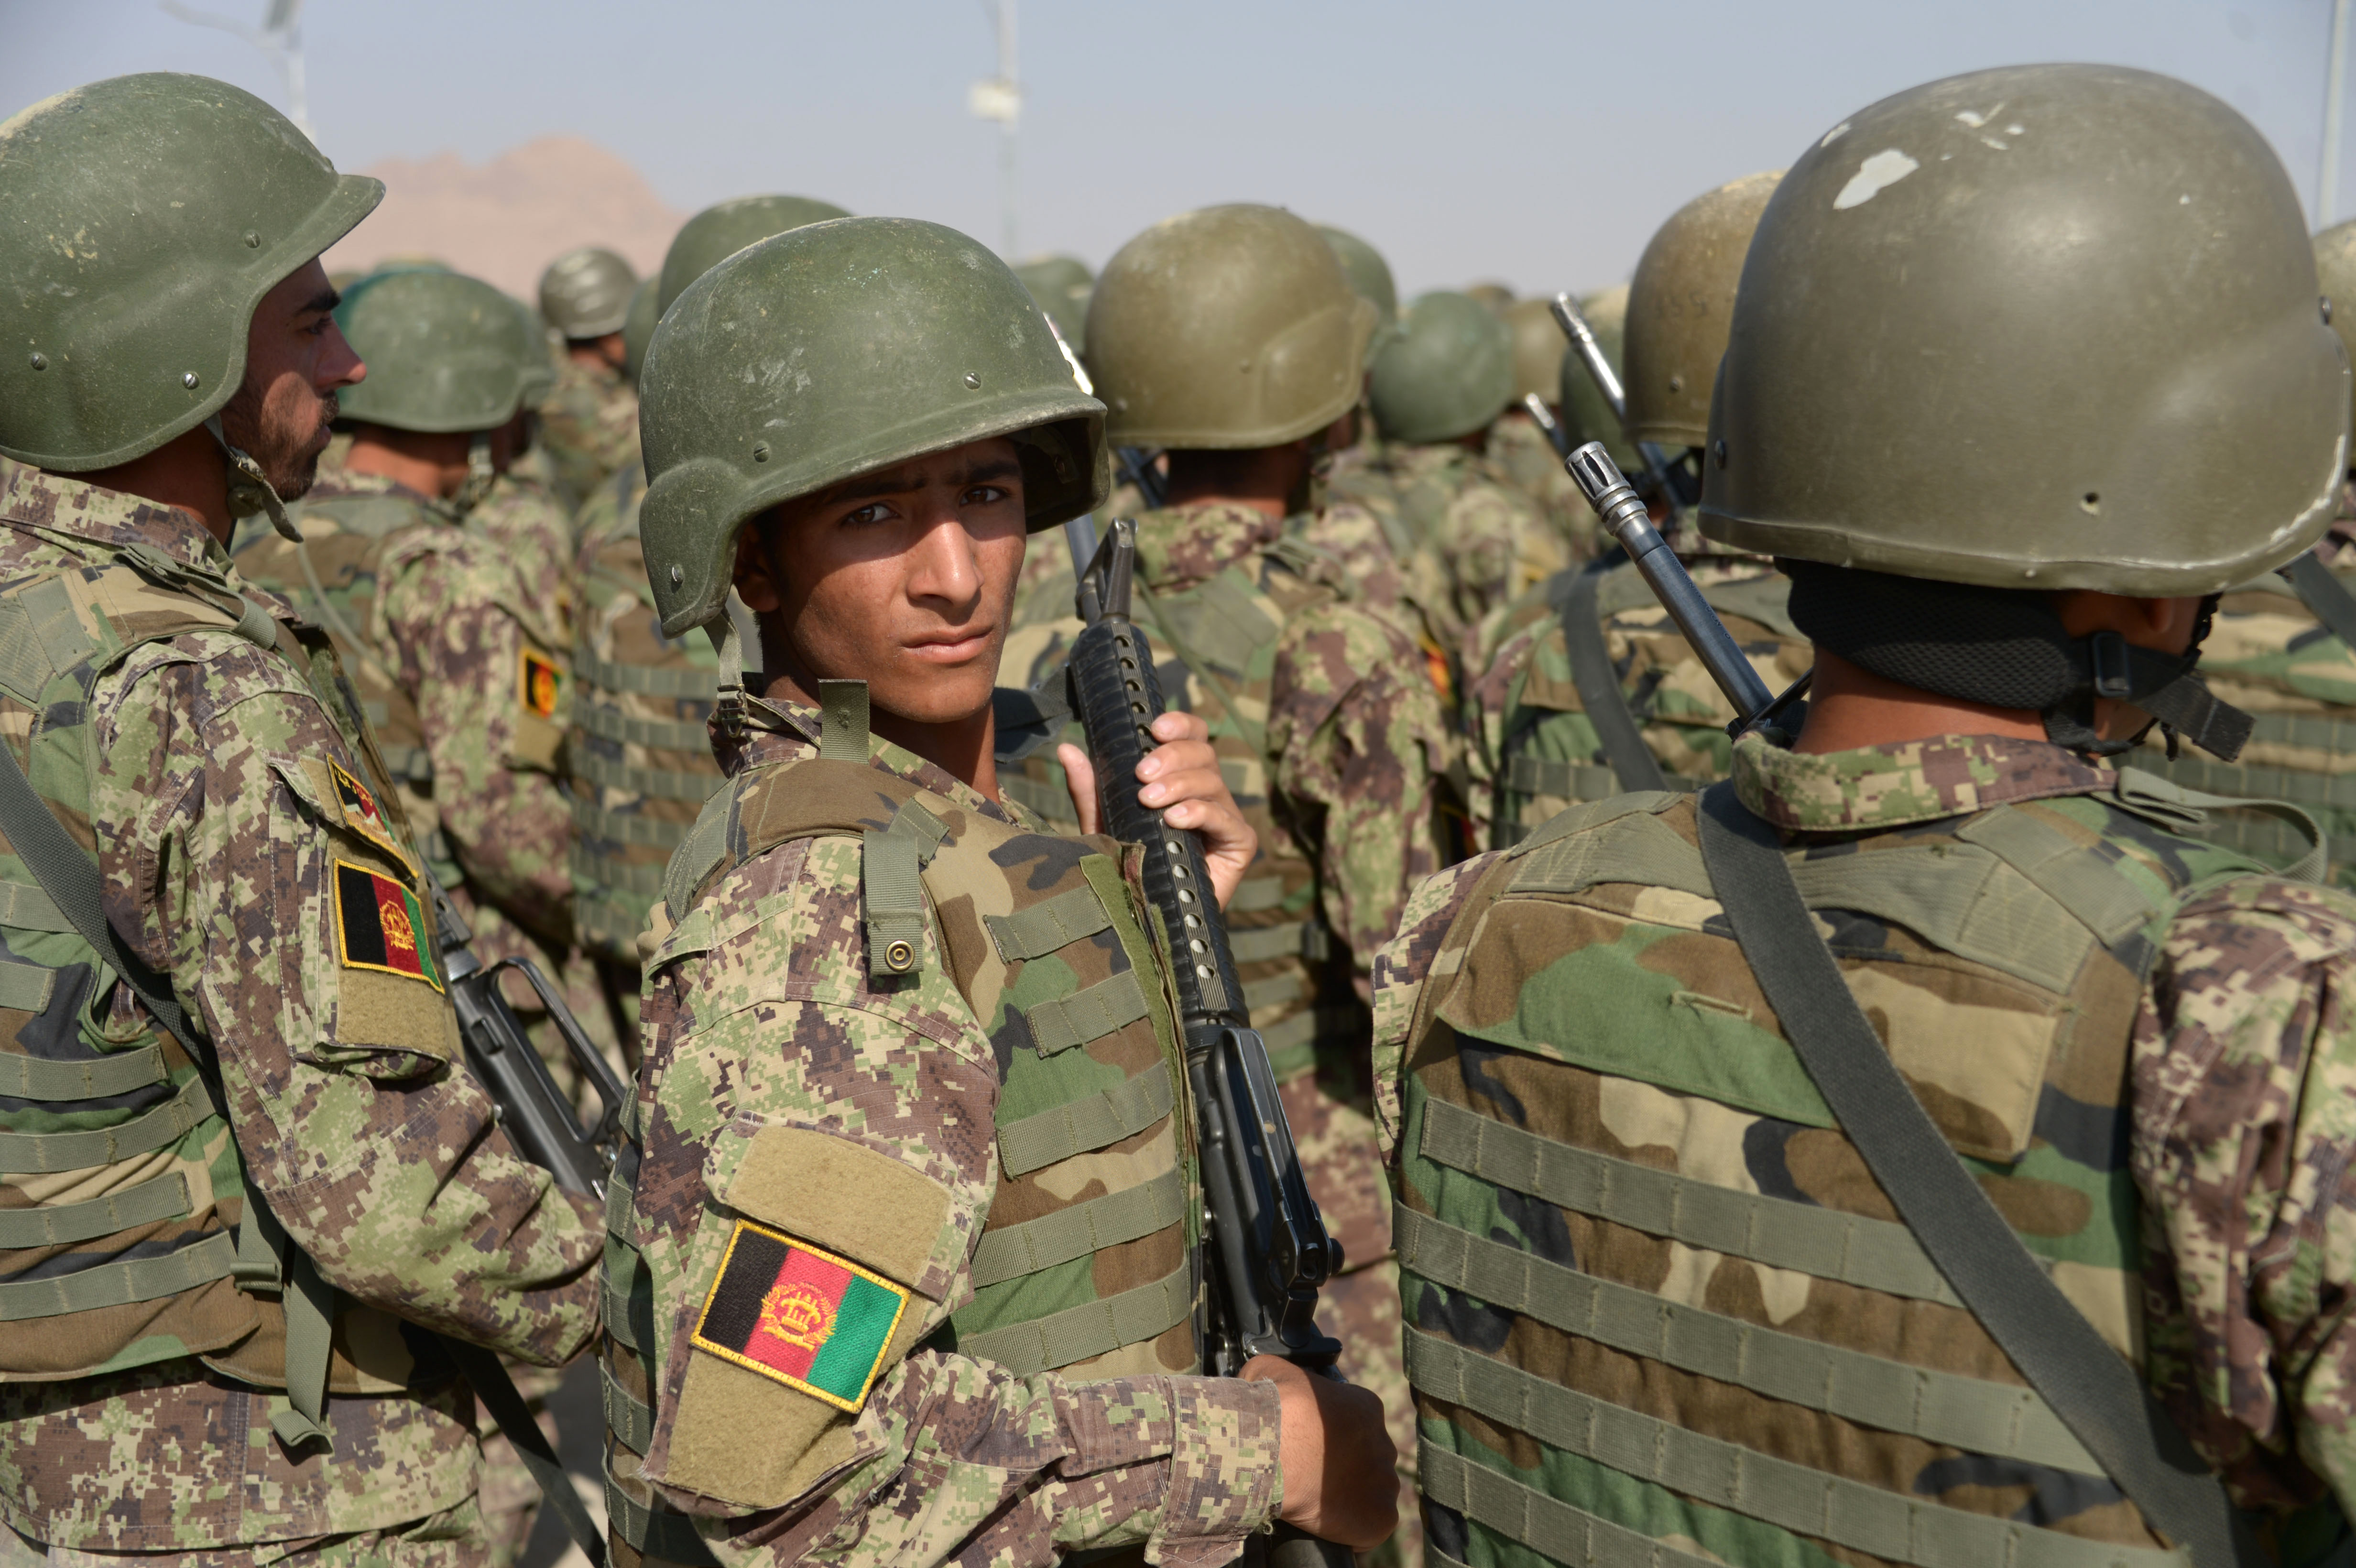 افغانستان پلان دارد افراد ملکی را برای مقابله با طالبان و داعش تعلیم داده و تسلیح کند